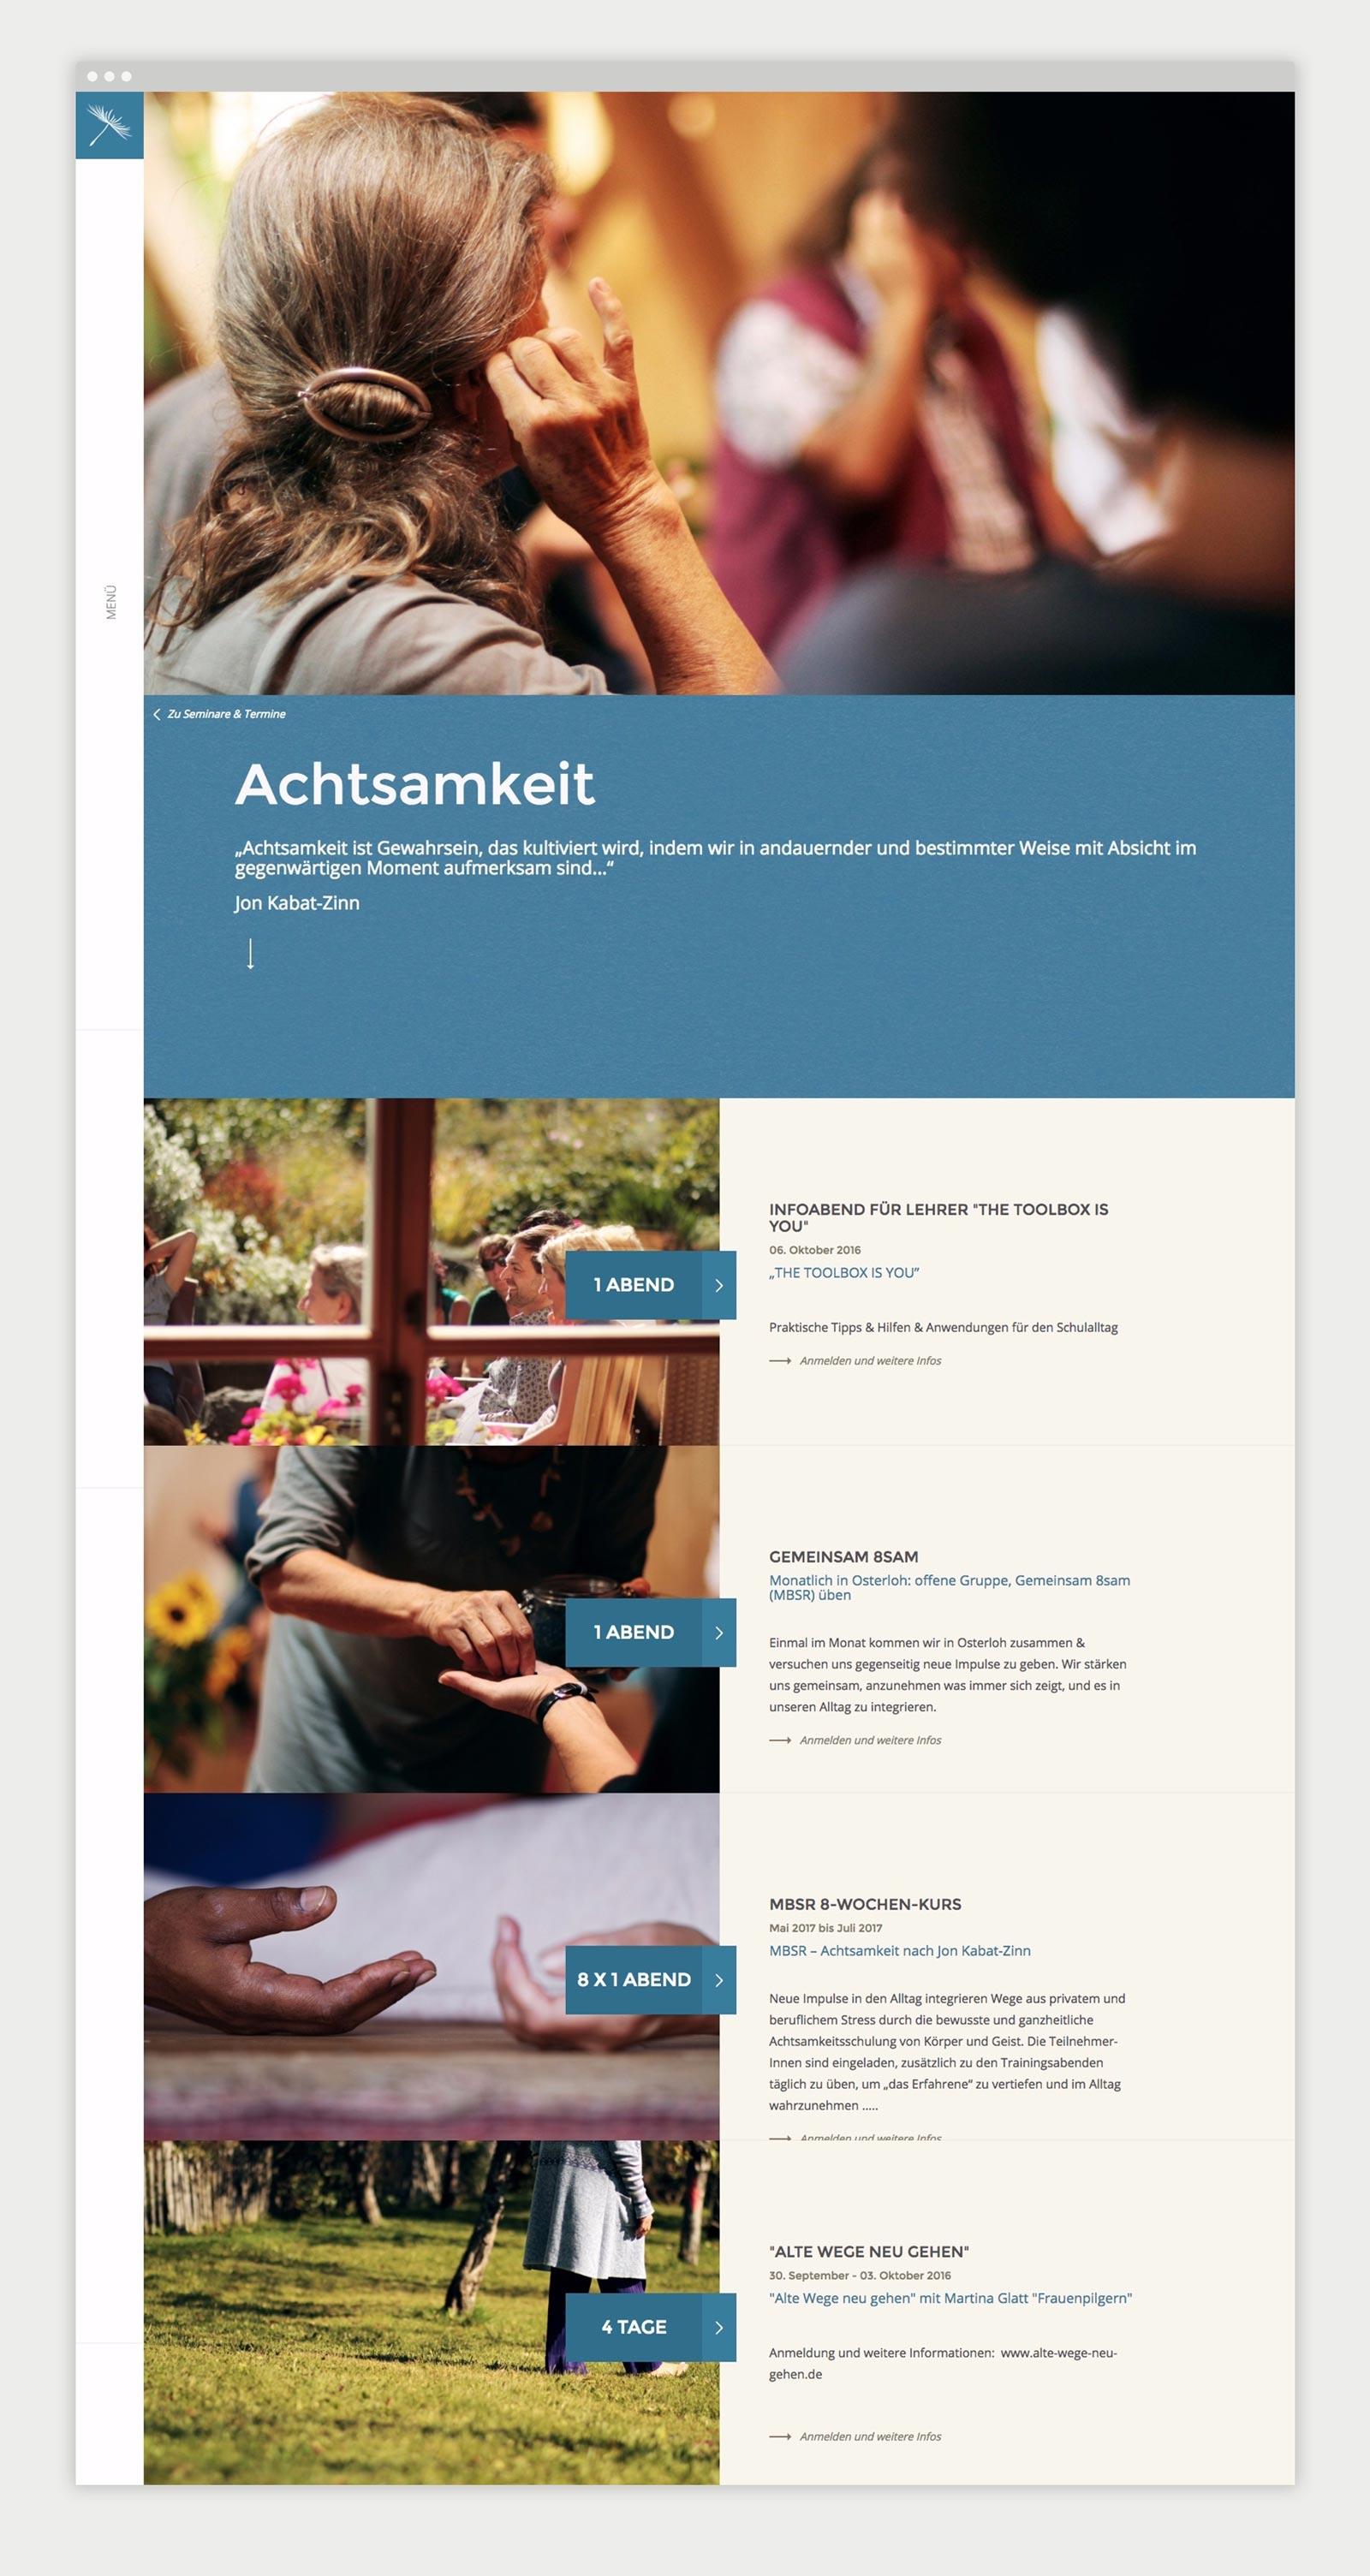 Detailseite der Kurse von achtsamkeit-osterloh.org